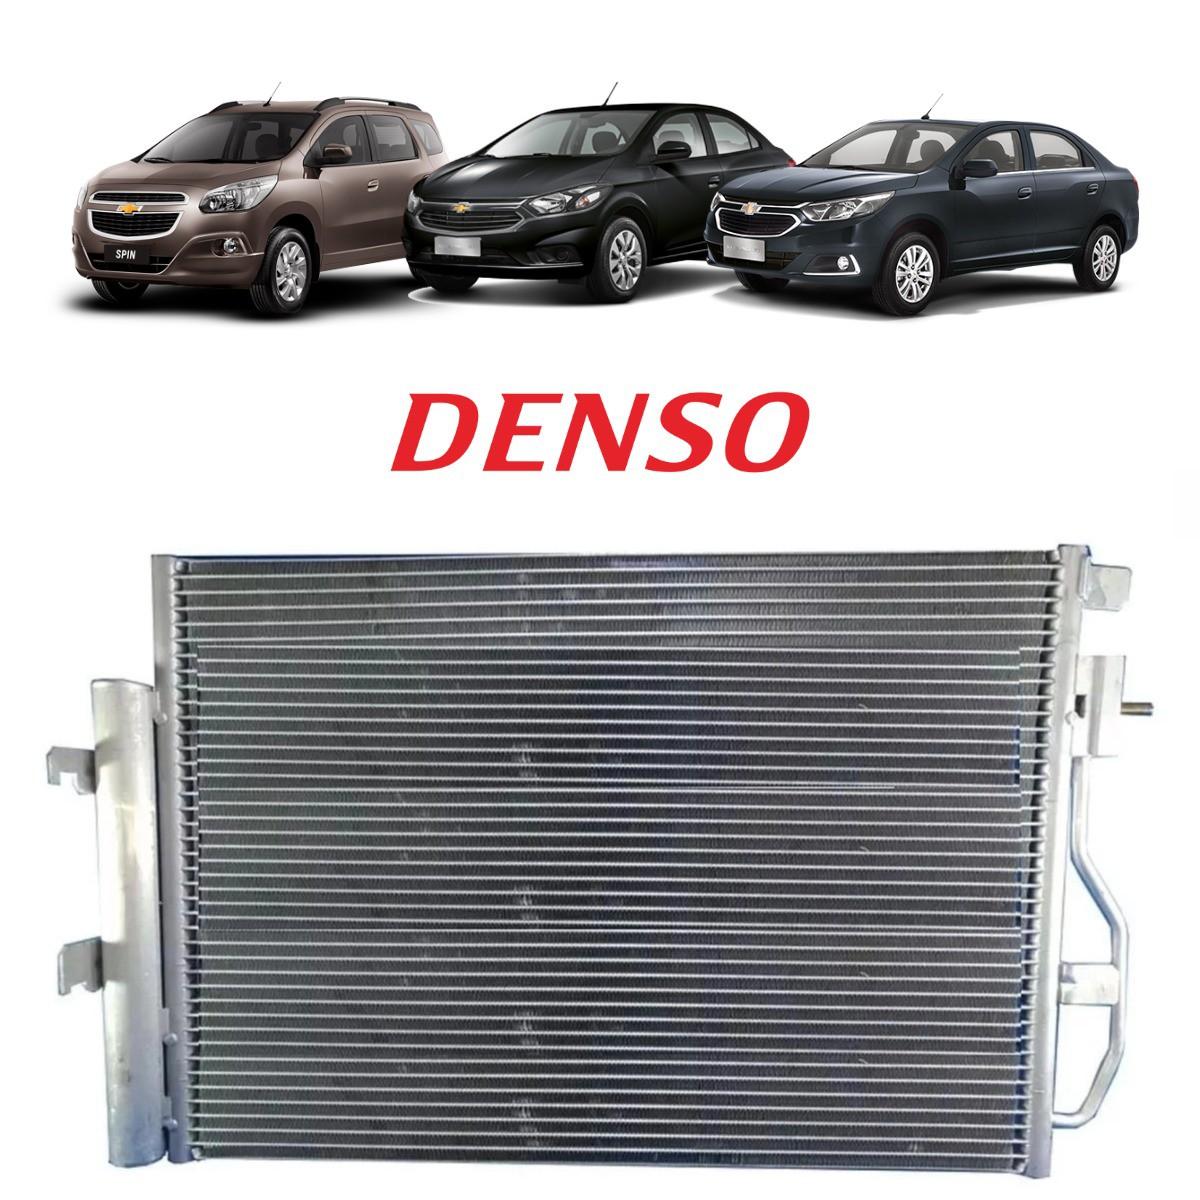 Condensador Chevrolet Onix / Prisma 2017/18 - Denso Original